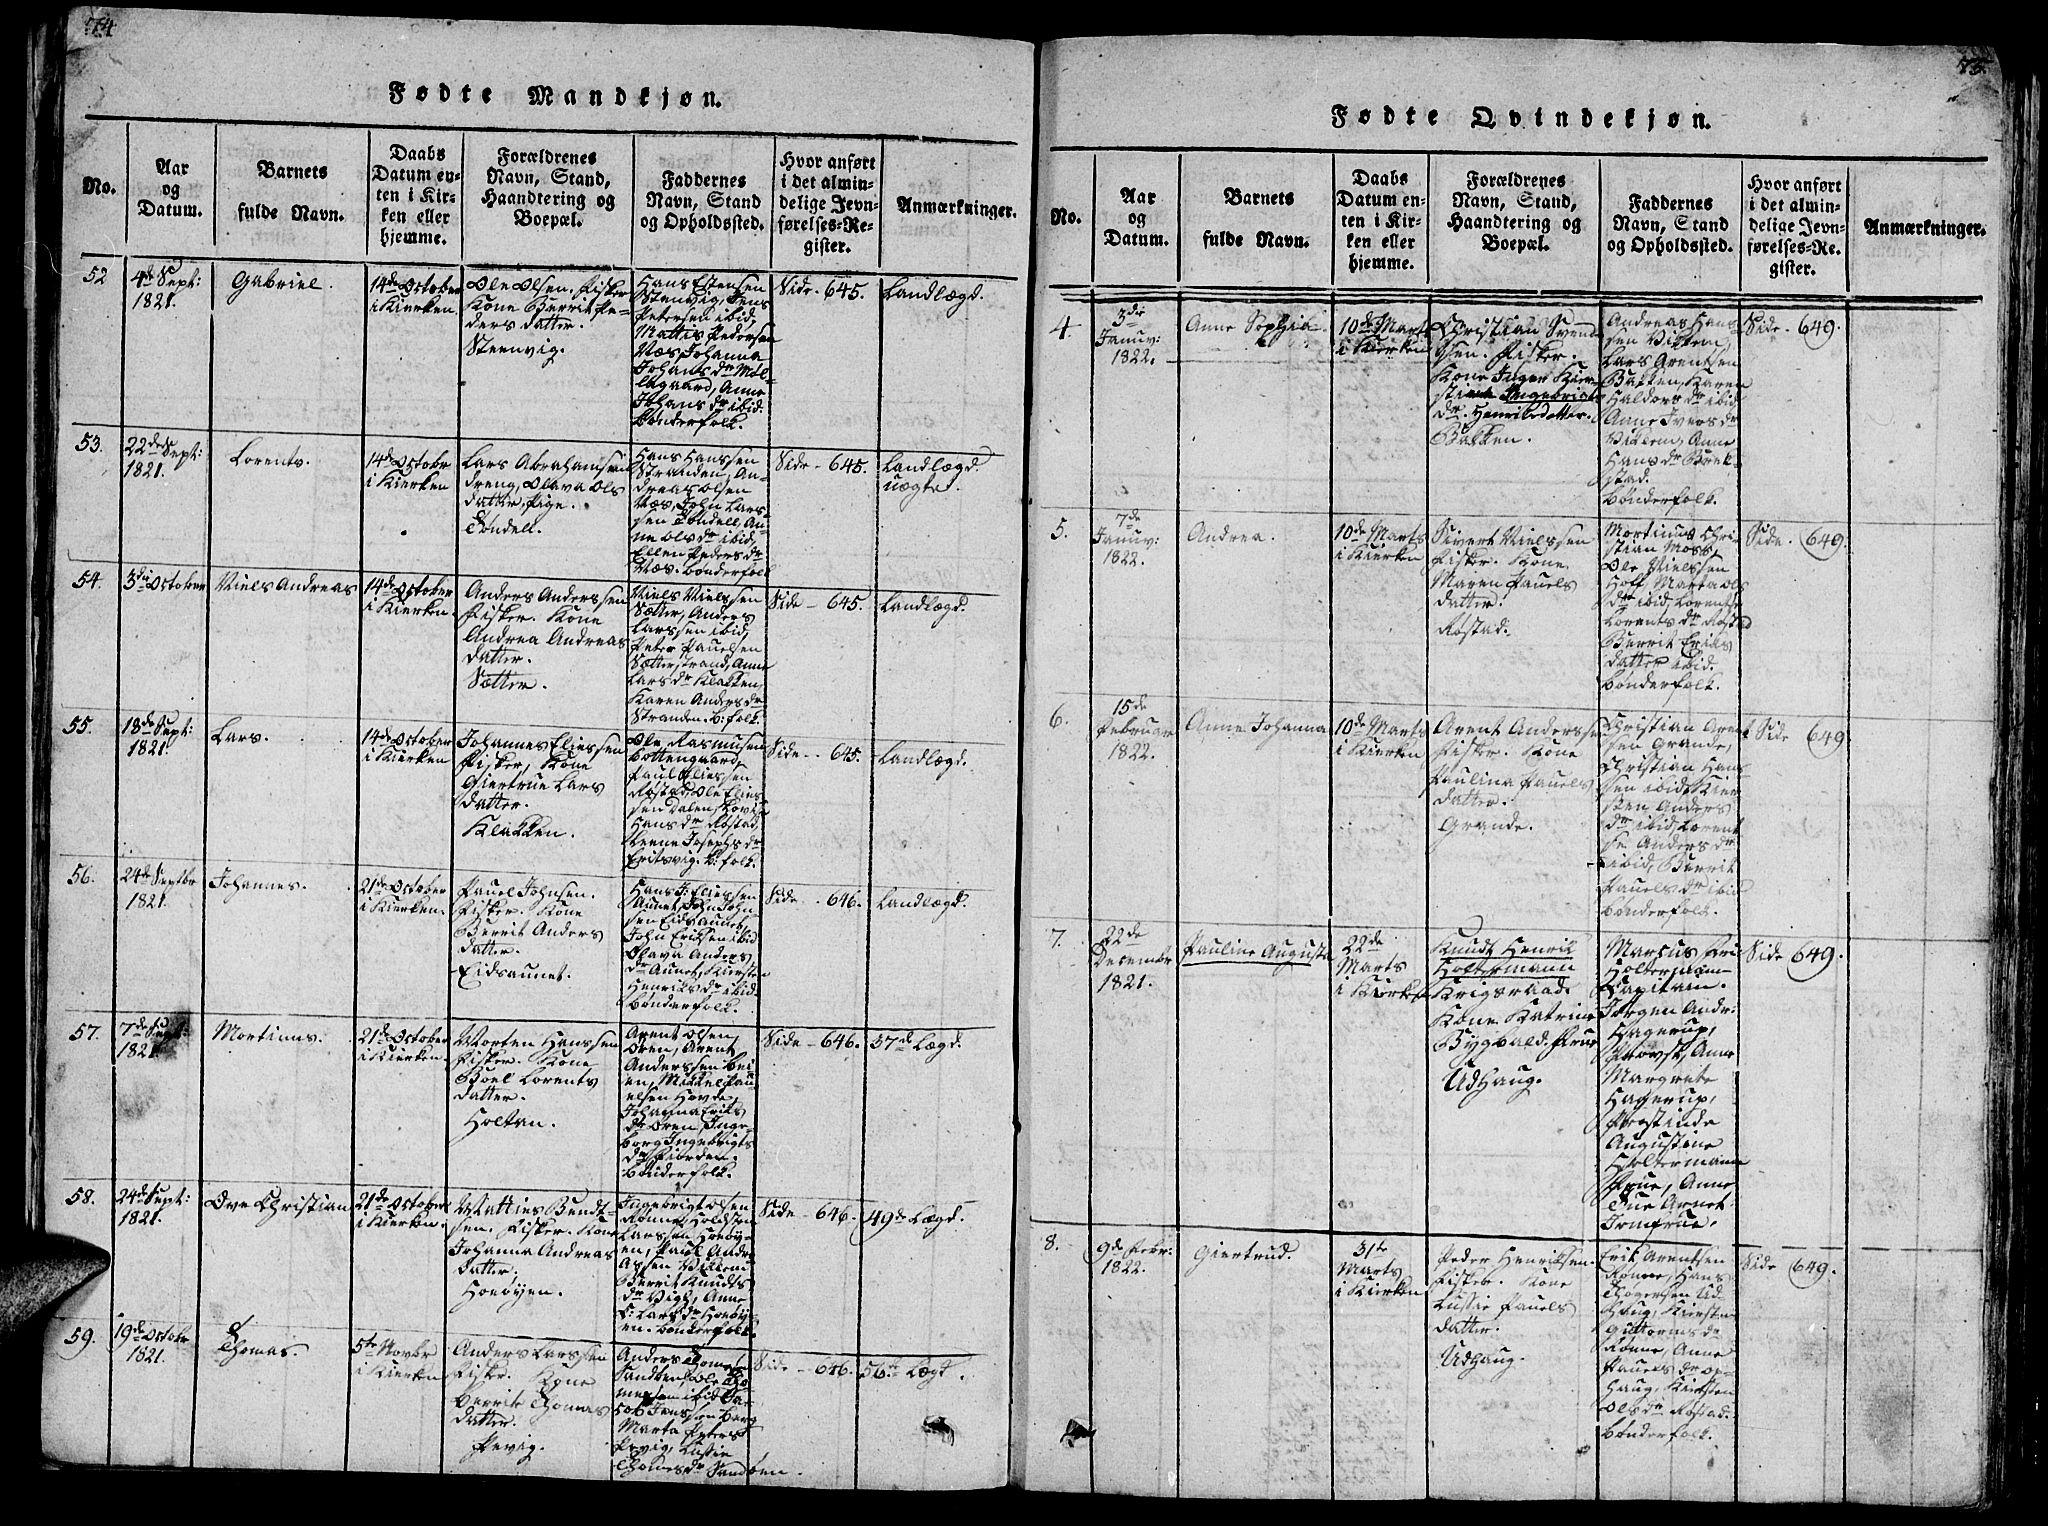 SAT, Ministerialprotokoller, klokkerbøker og fødselsregistre - Sør-Trøndelag, 659/L0744: Klokkerbok nr. 659C01, 1818-1825, s. 74-75